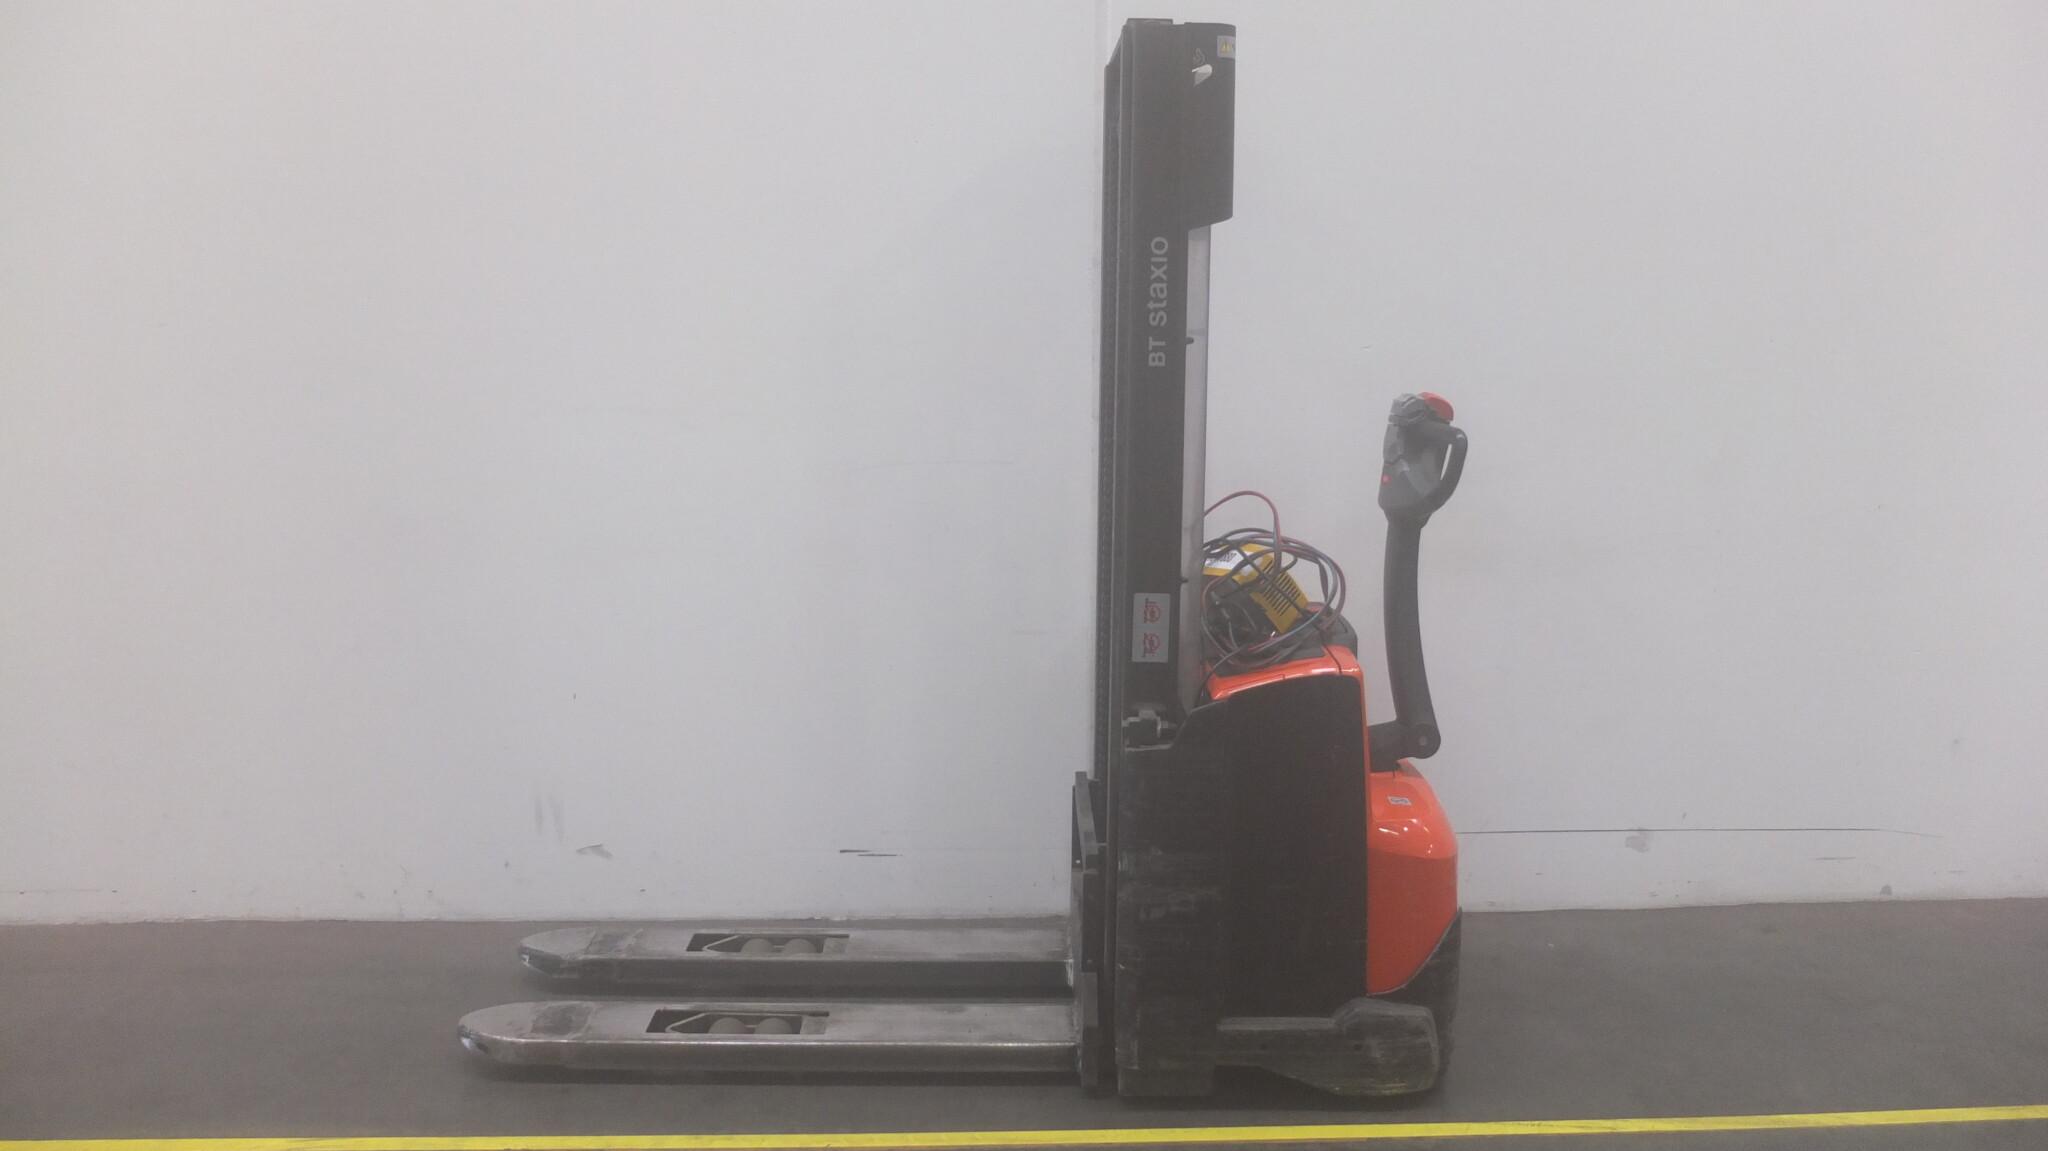 Toyota-Gabelstapler-59840 1501001710 1 scaled